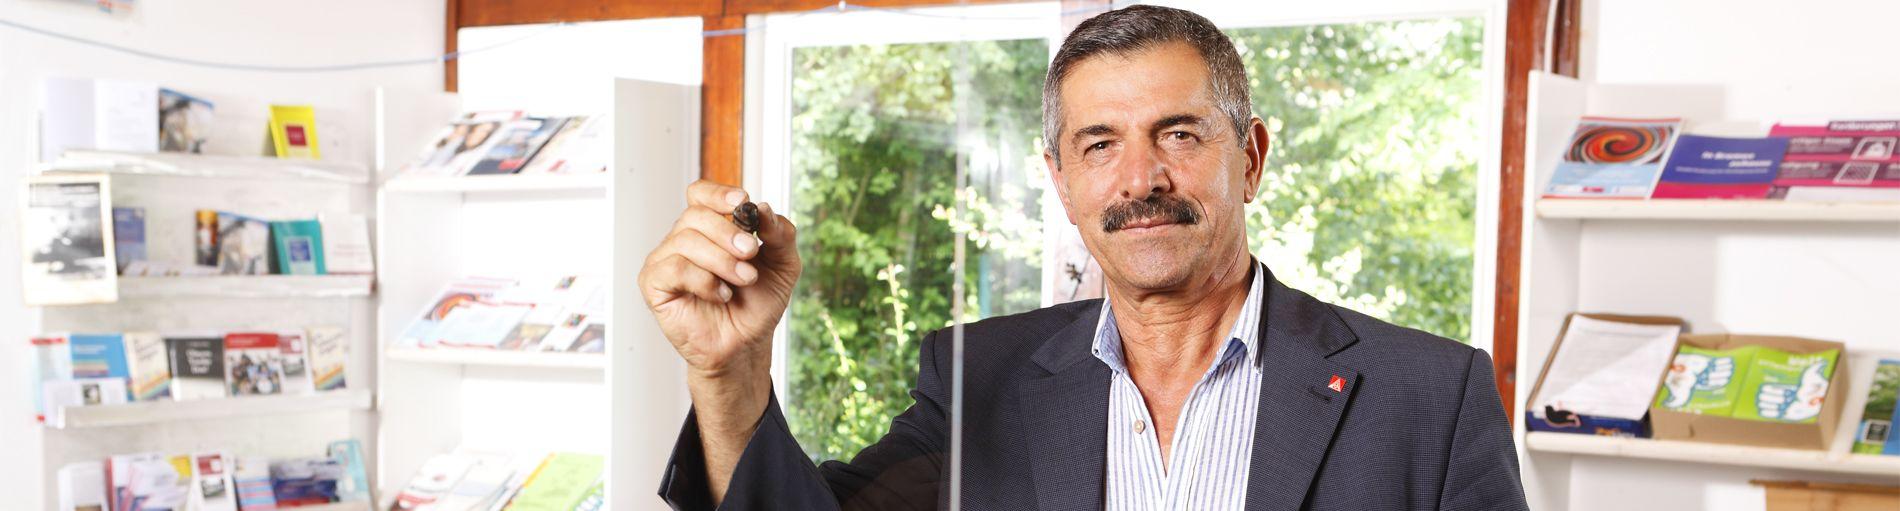 Portraitbild eines Mannes mit Stift in der Hand